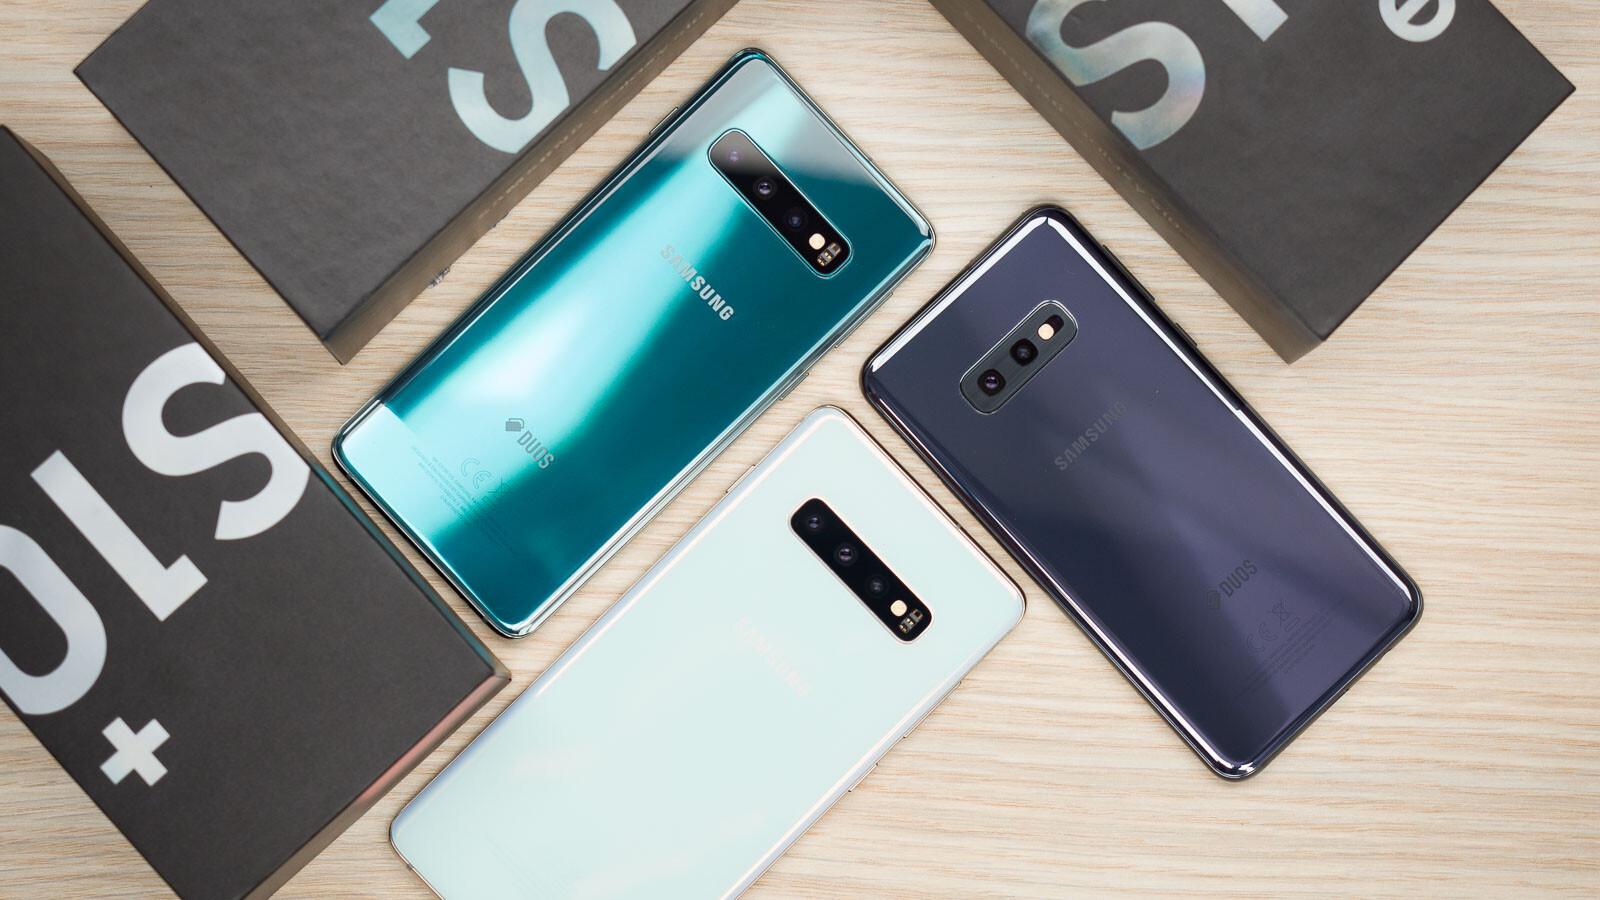 So verbessern Sie die Akkulaufzeit Ihres Samsung Galaxy S10